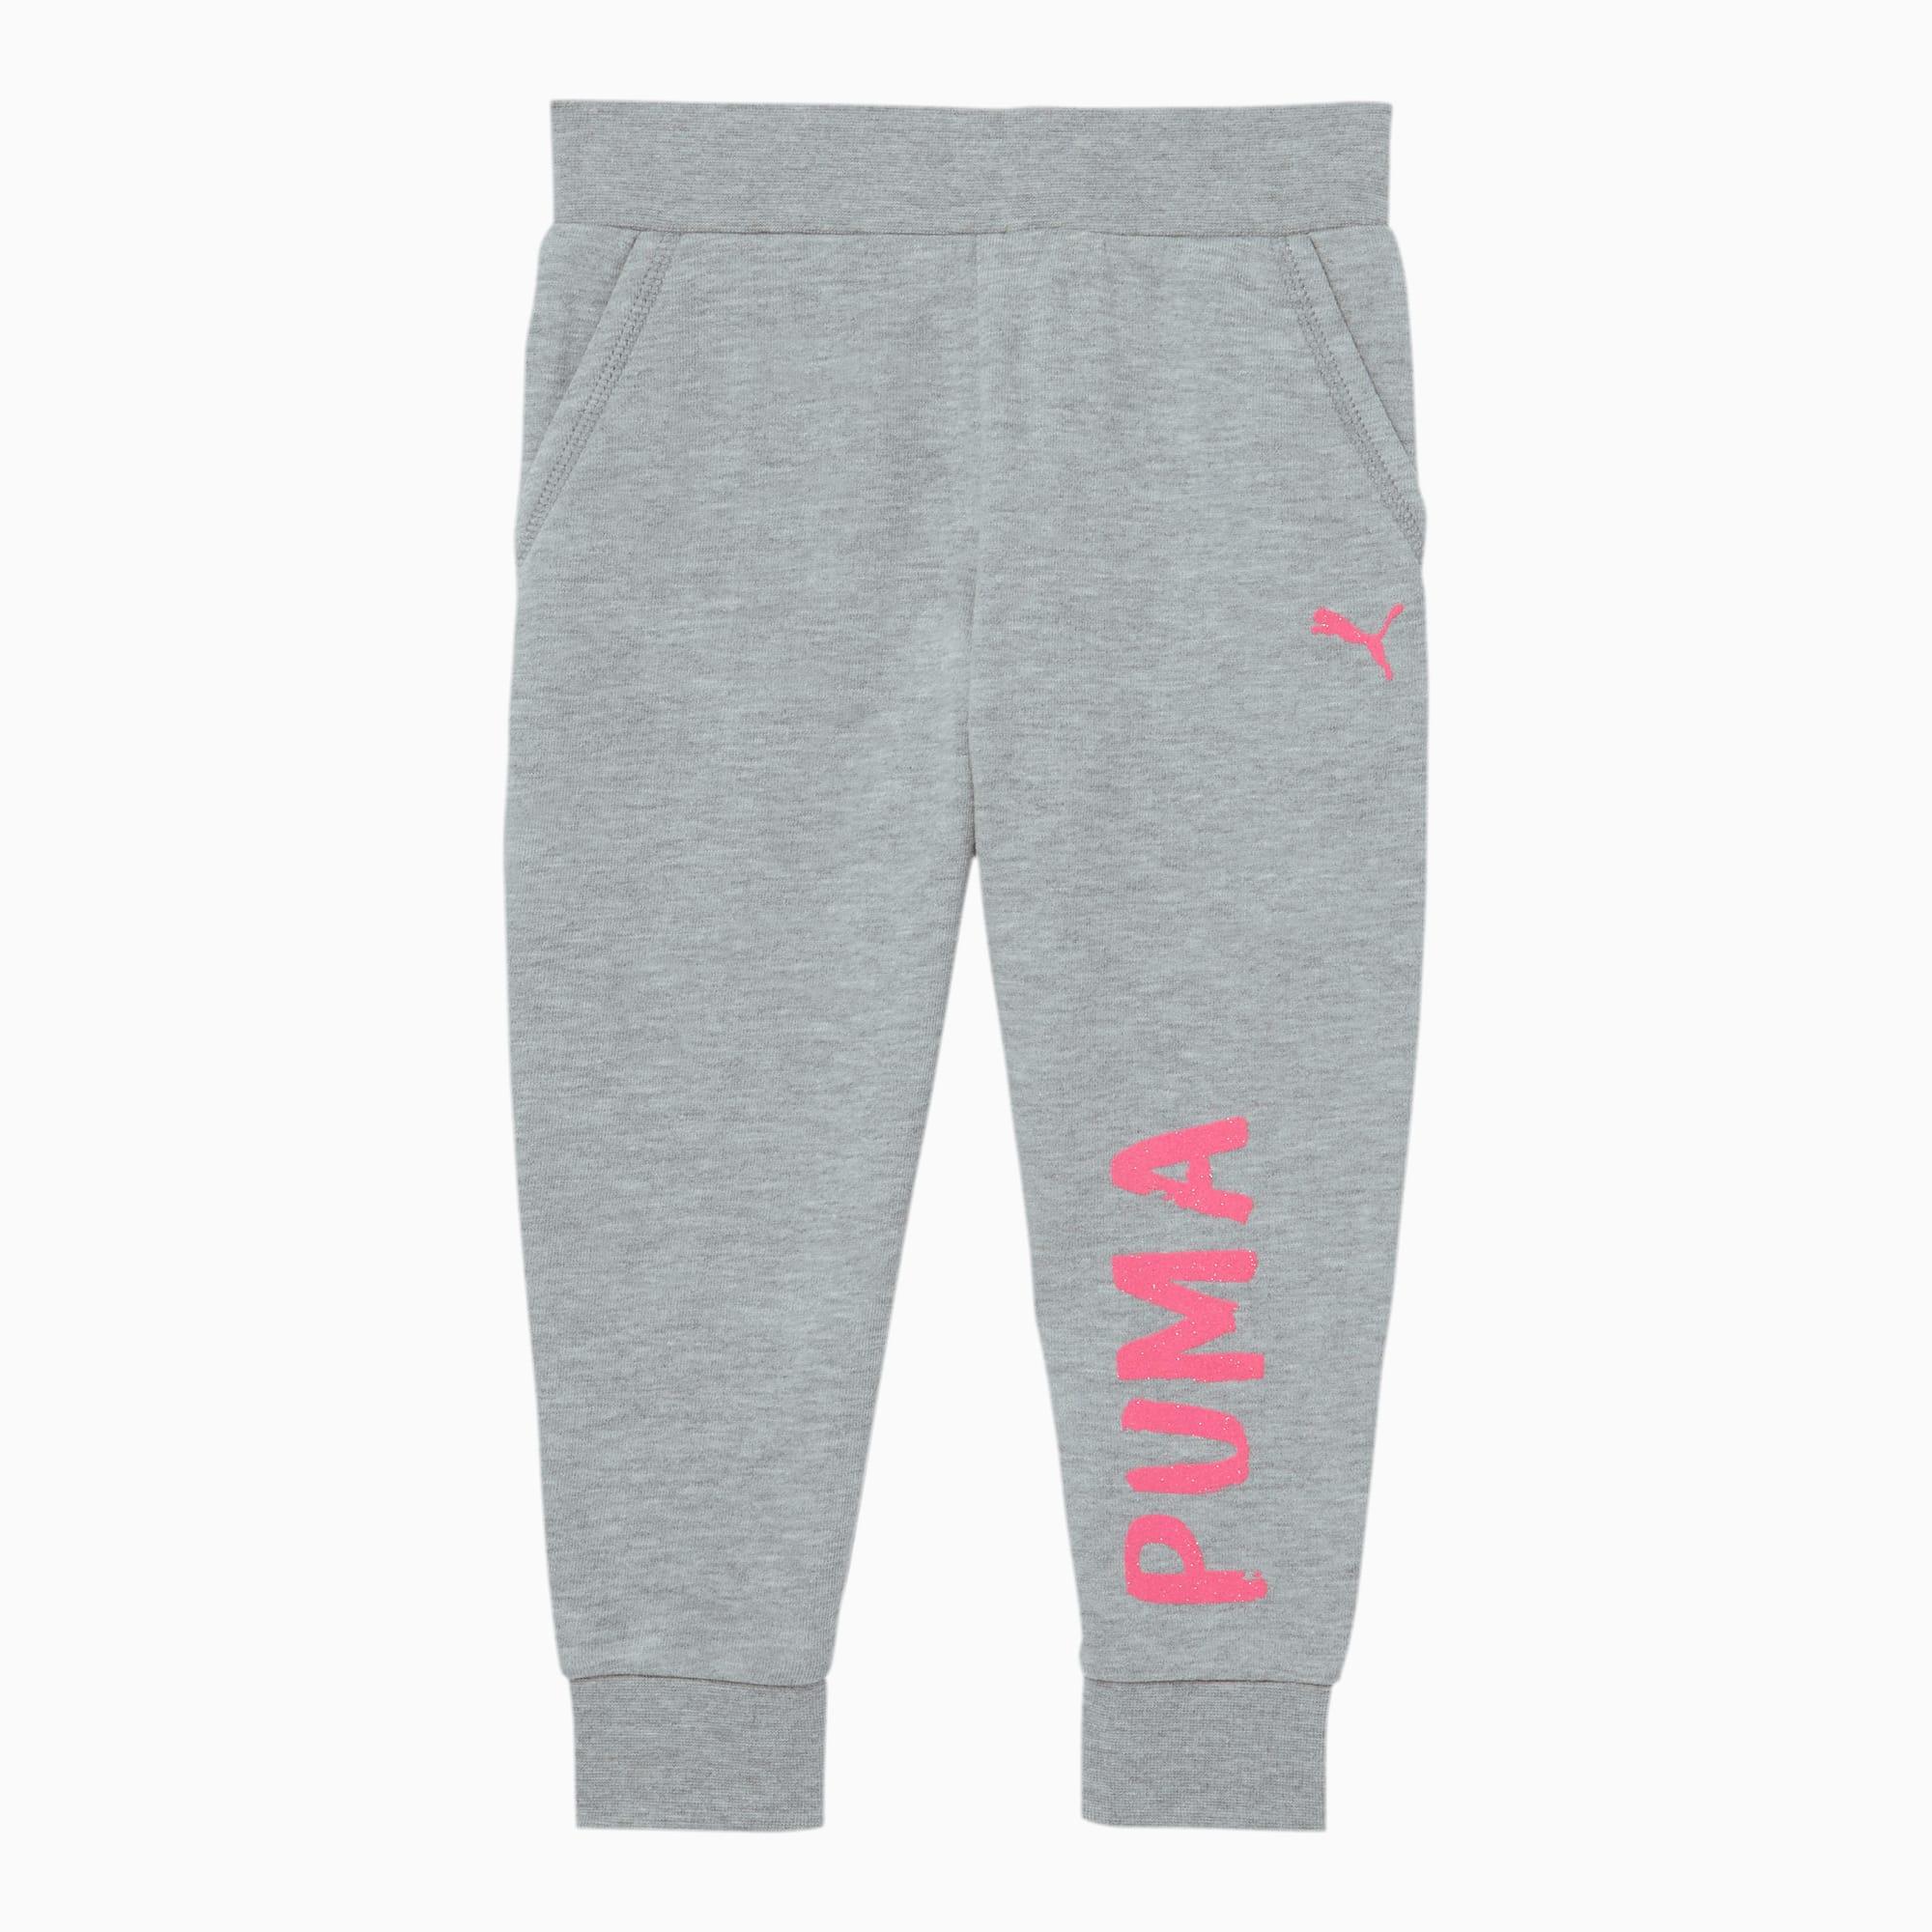 PUMA Boys/' Terry Cloth Jogger